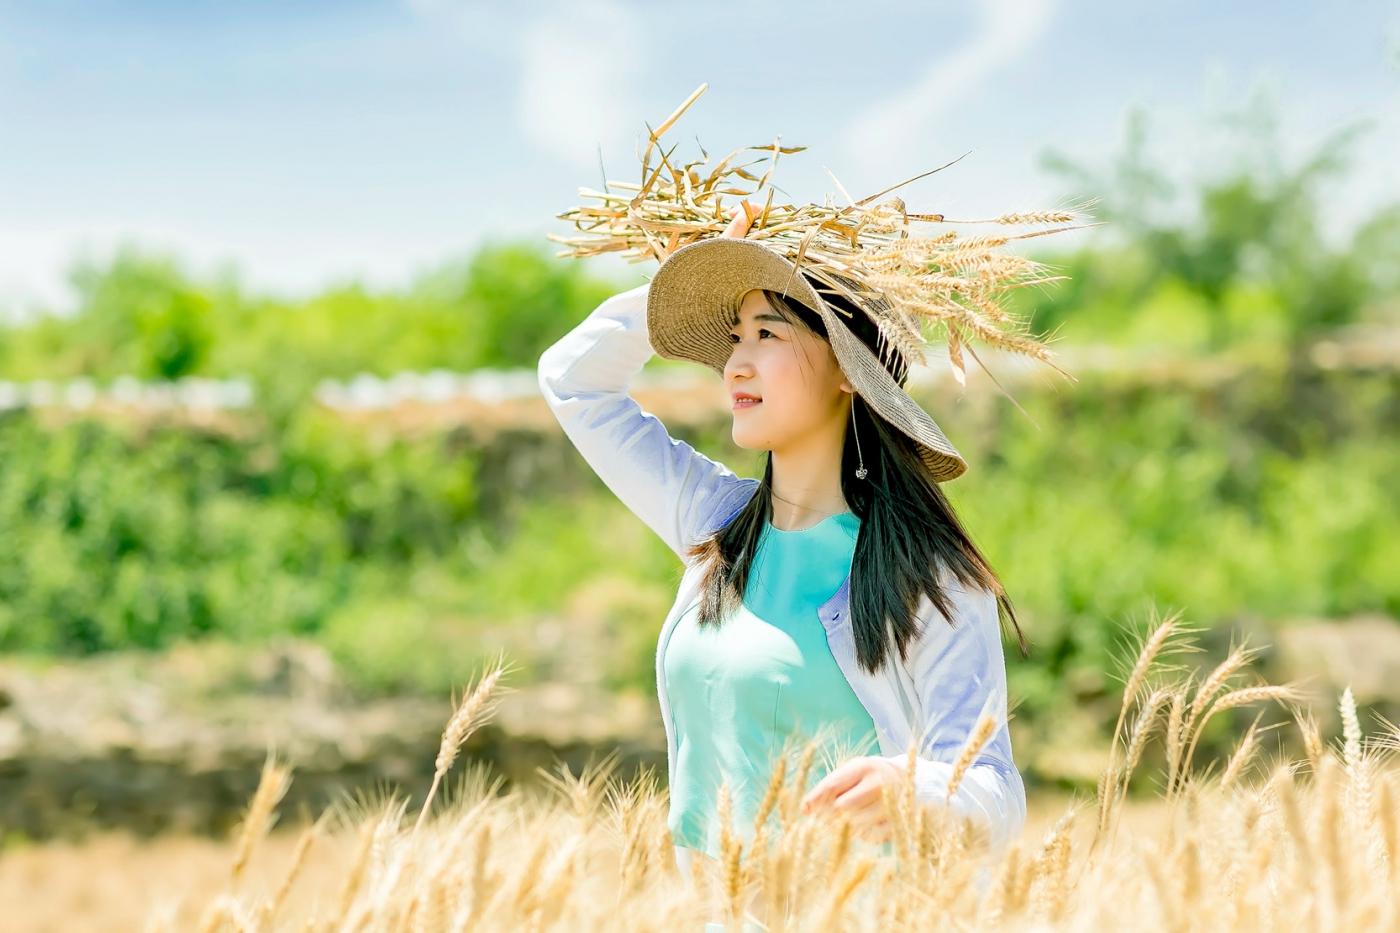 麦收时节 和临沂女孩张艳霞相约费县演绎麦田守望者_图1-6